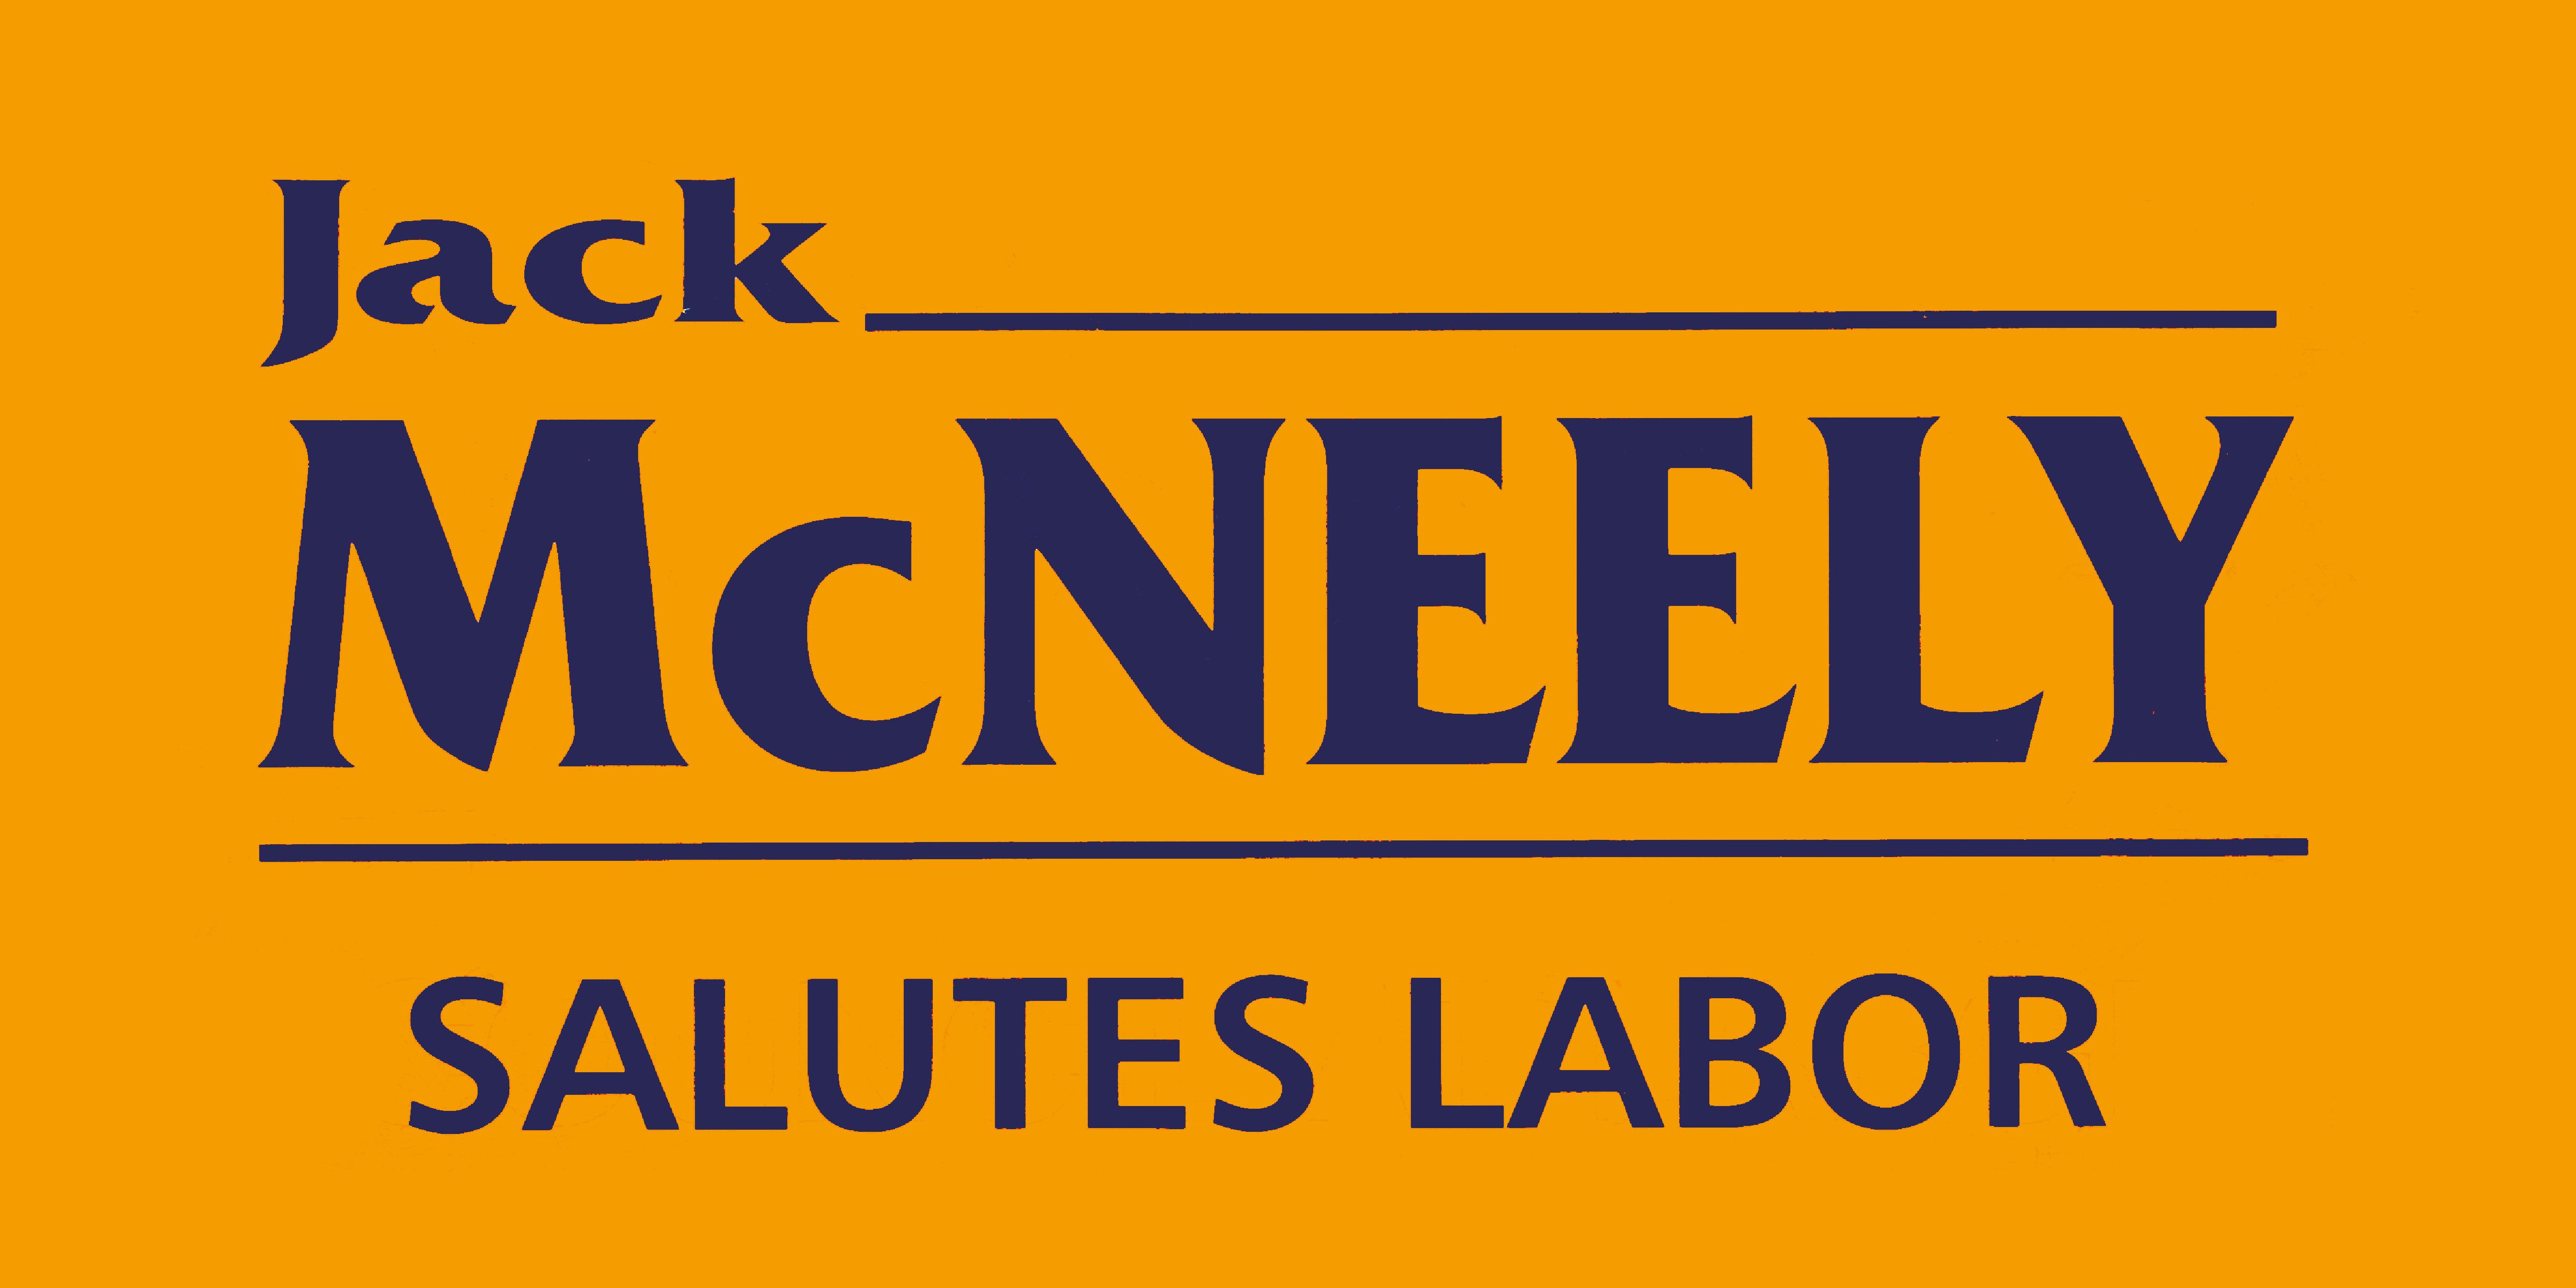 Jack McNeely